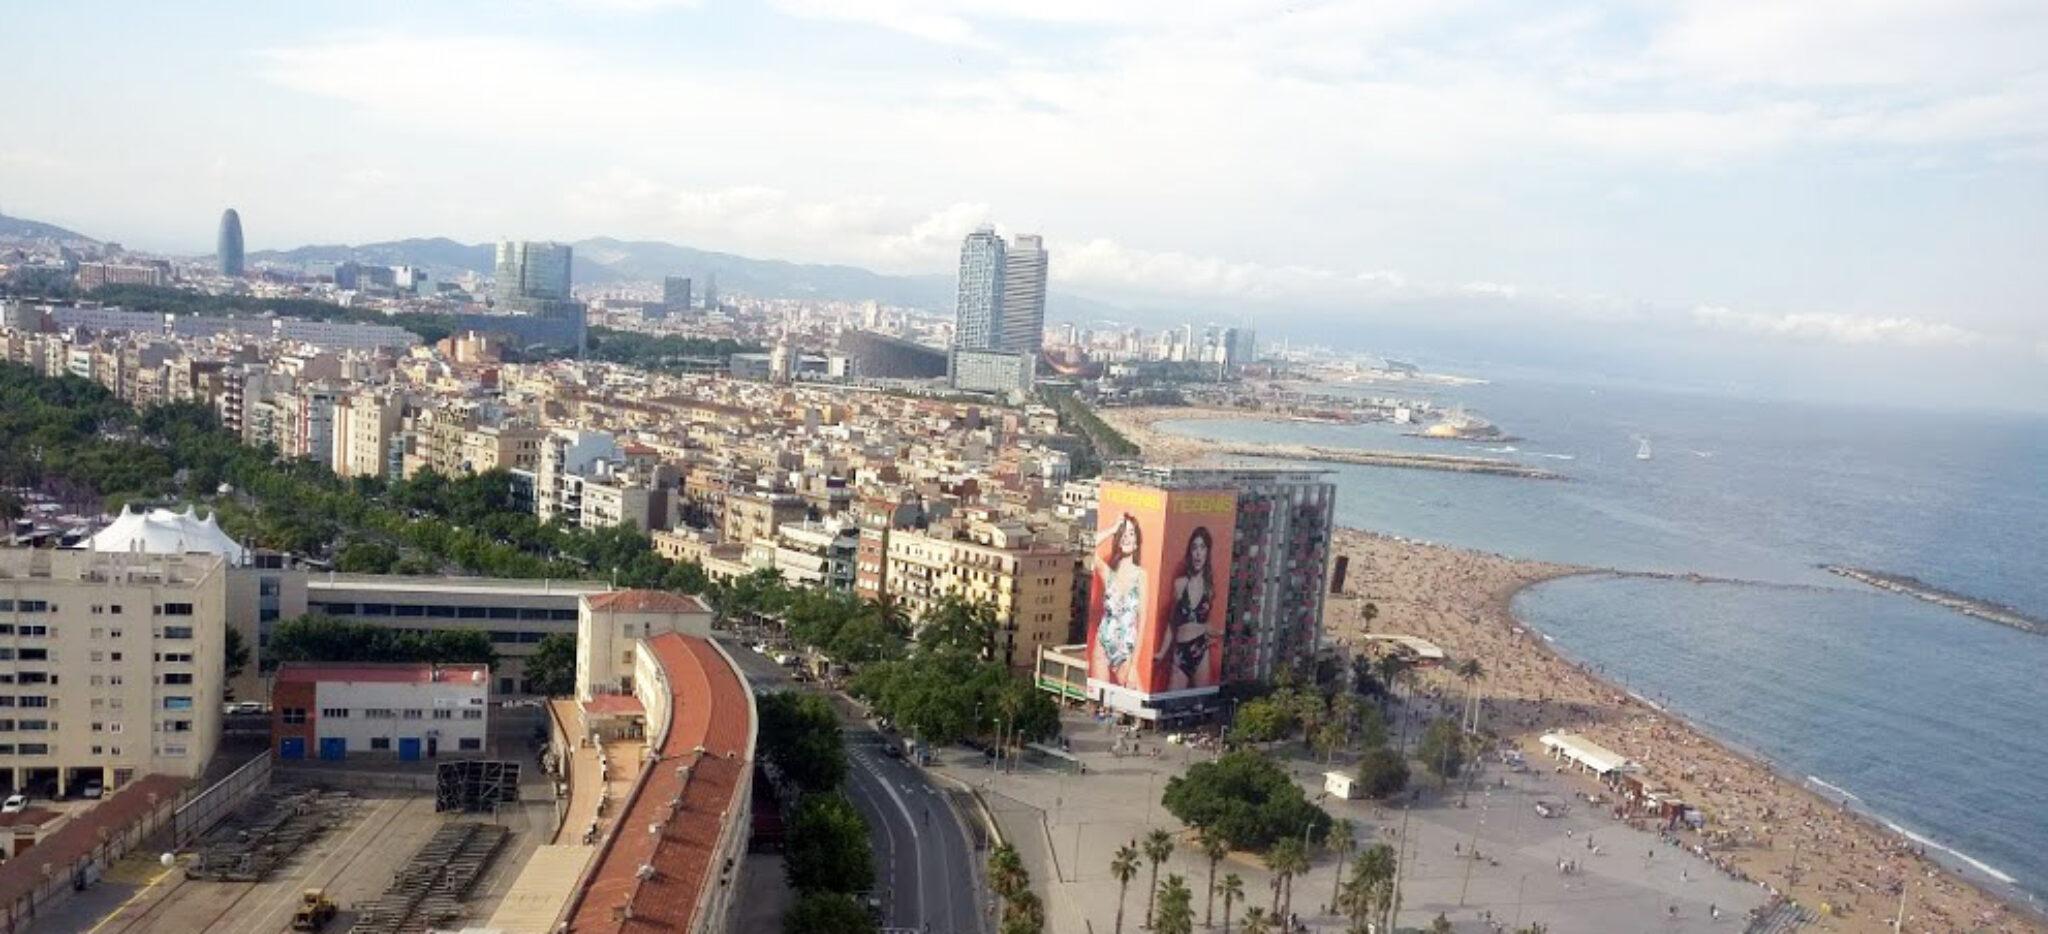 Best universities in Spain